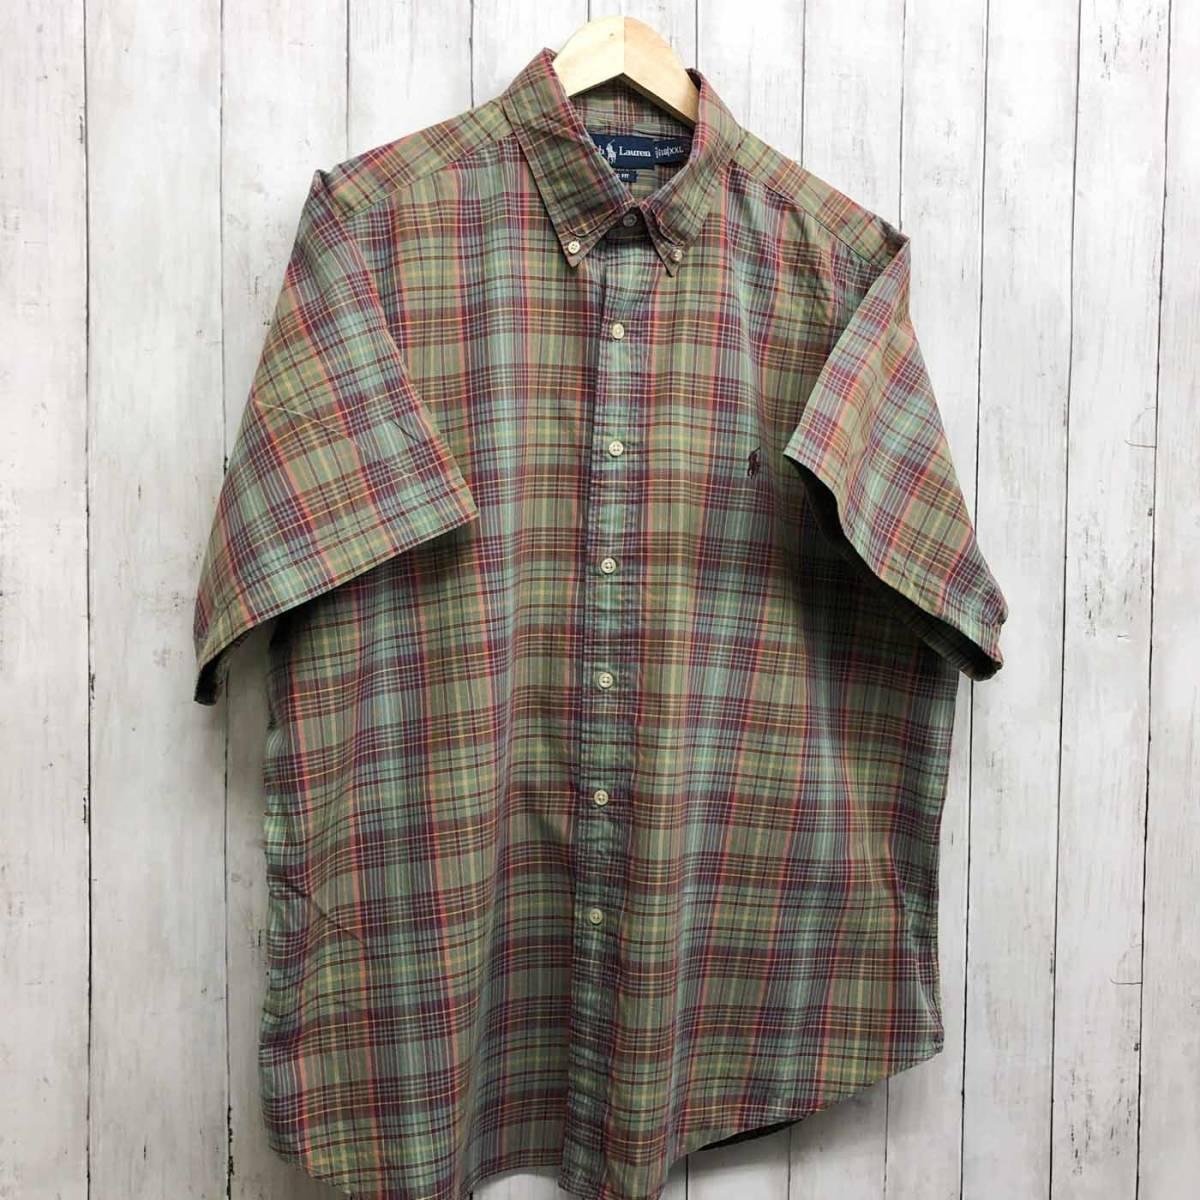 ラルフローレン POLO Ralph Lauren Polo 半袖シャツ メンズ ワンポイント XXLサイズ(2XLサイズ) 7-180_画像3